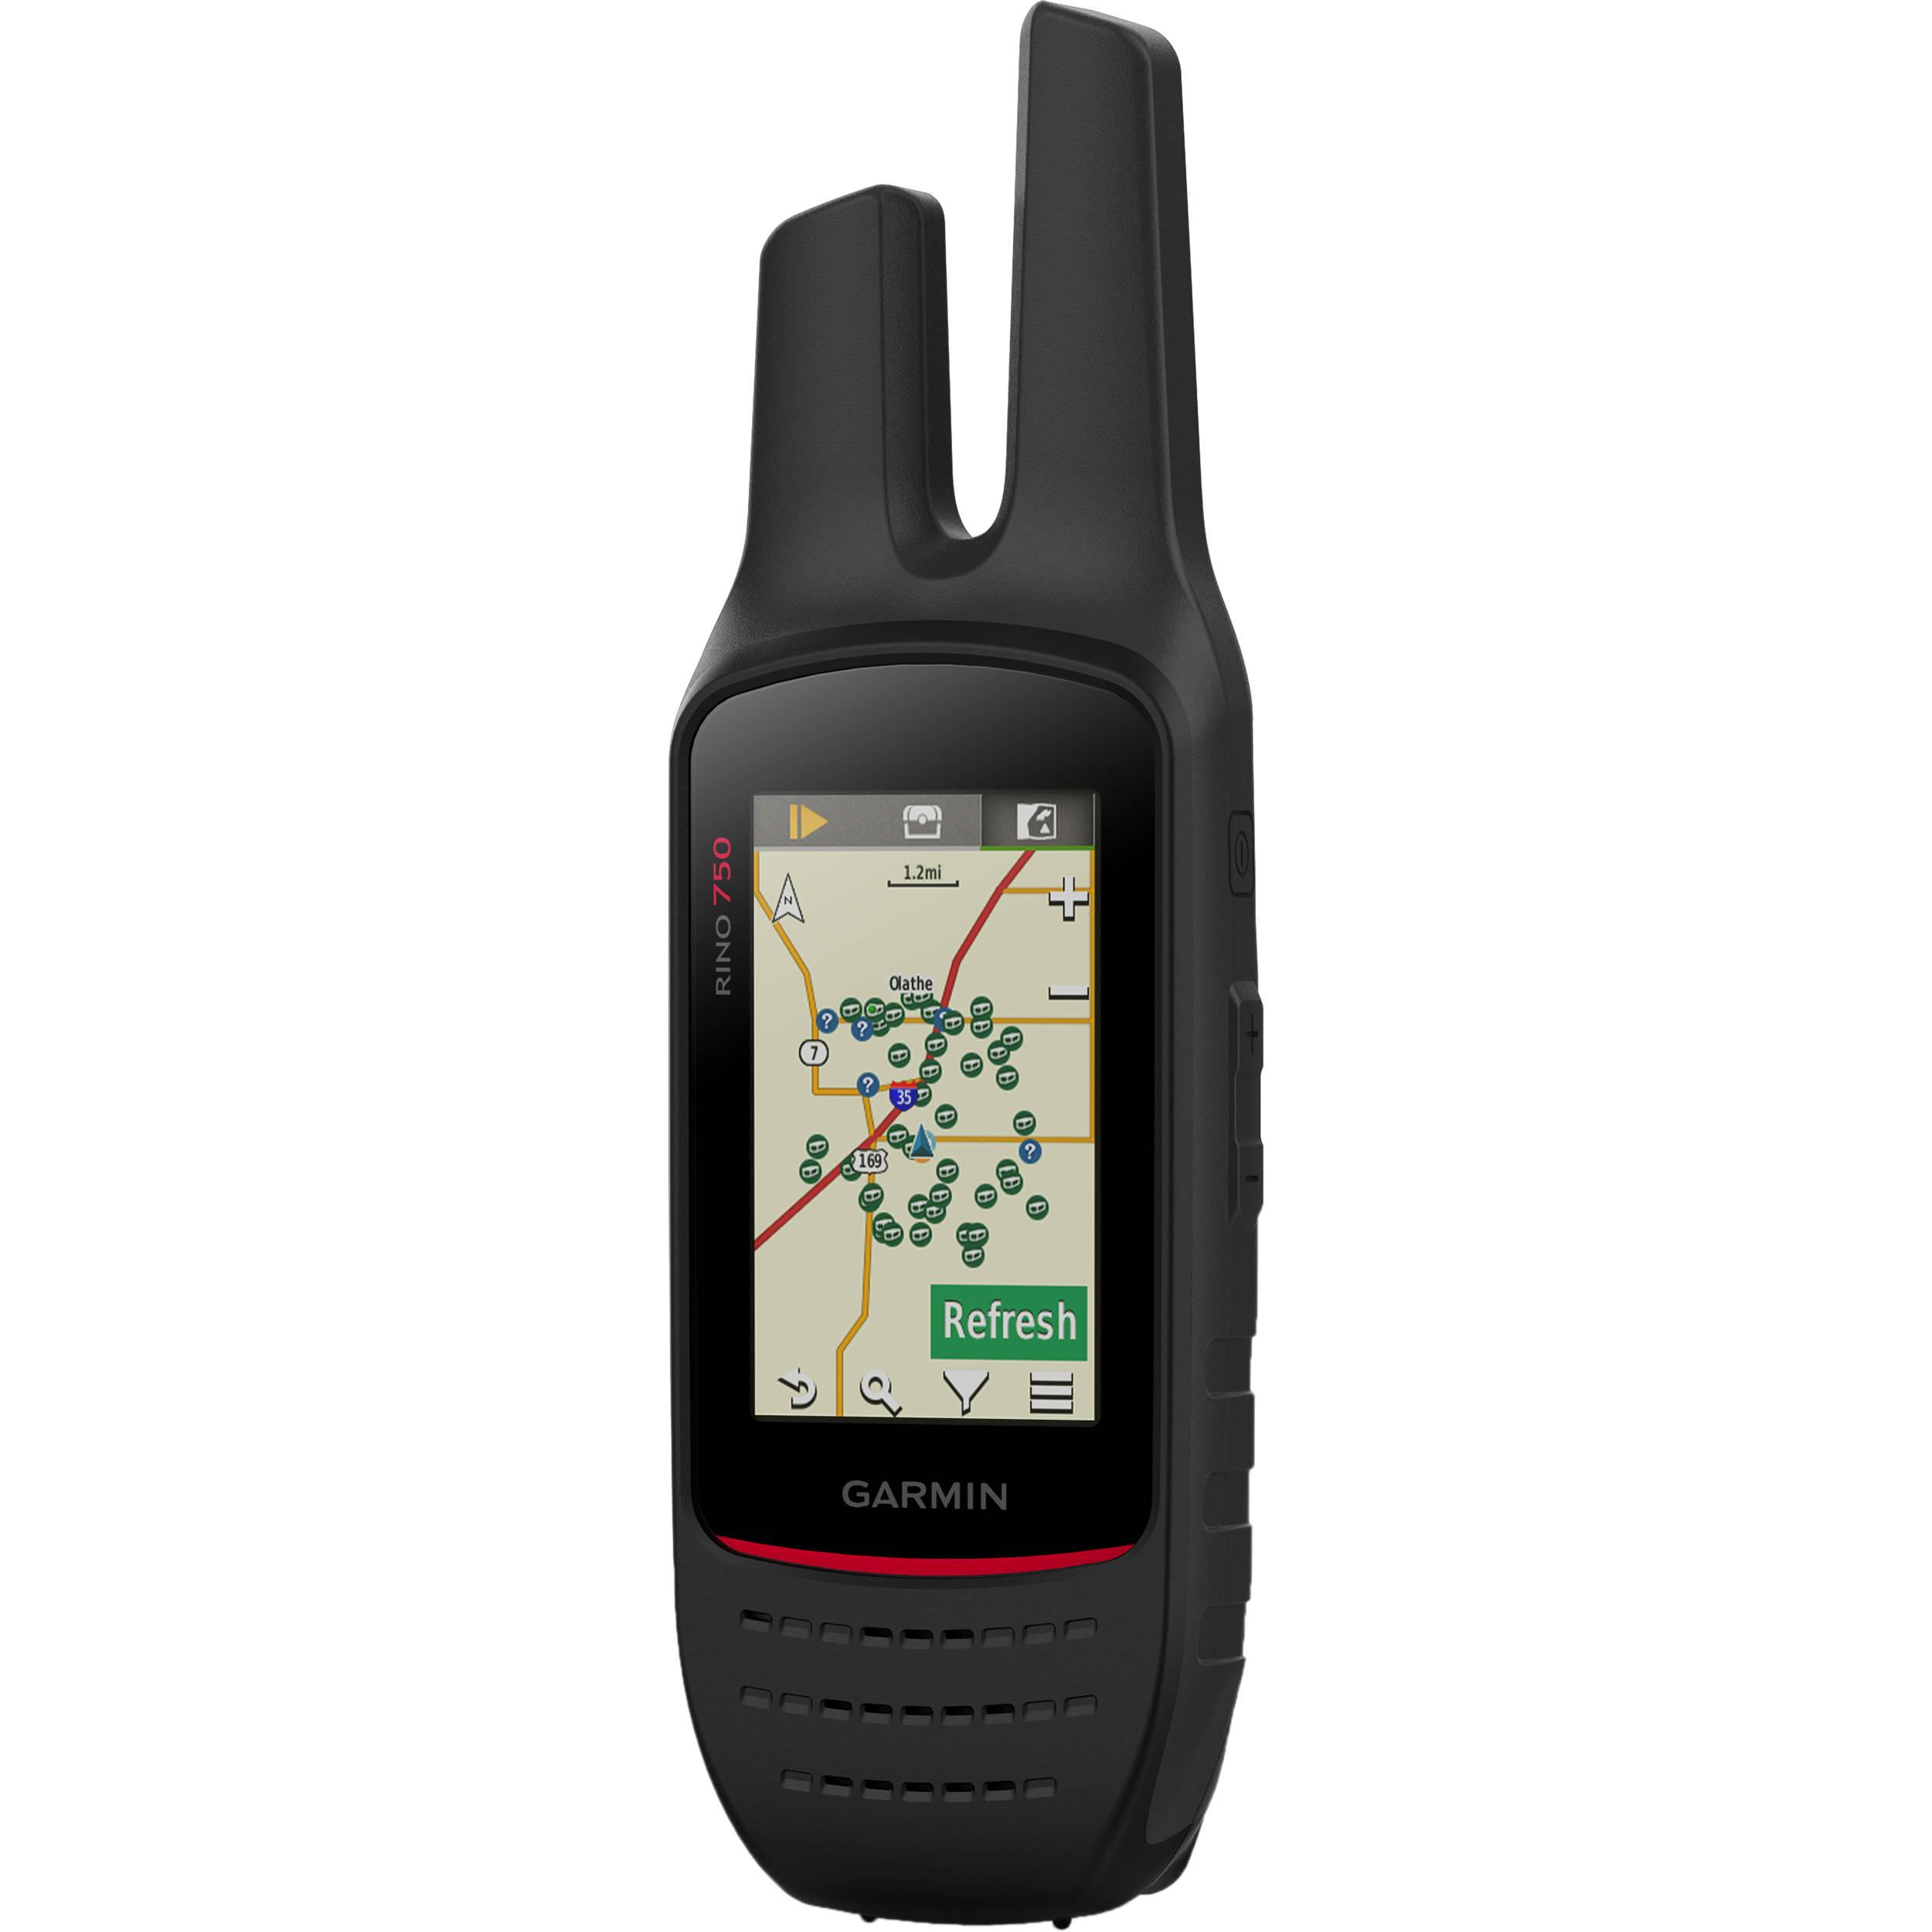 GARMIN RINO 750 UHF 5W RADIO TOUCHSCREEN GPS HANDHELD RUGGED